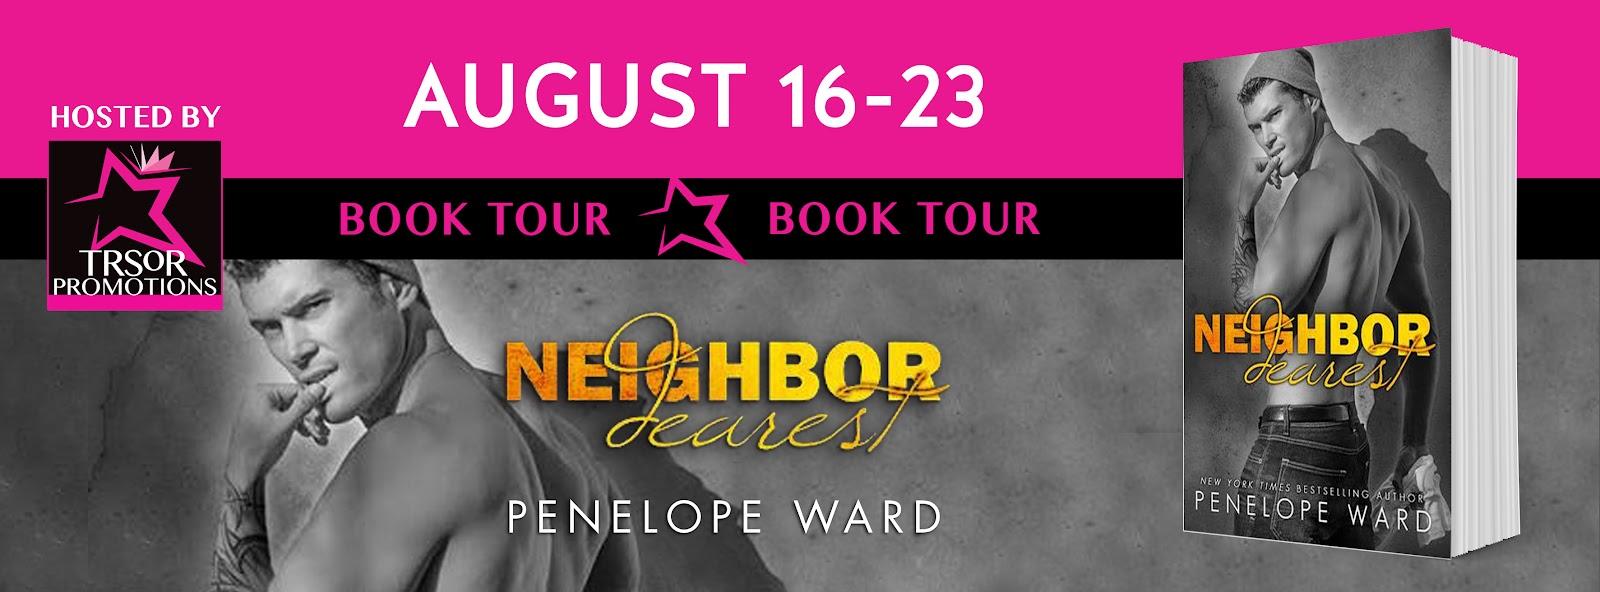 NEIGHBOR_DEAREST_BOOK_TOUR.jpg